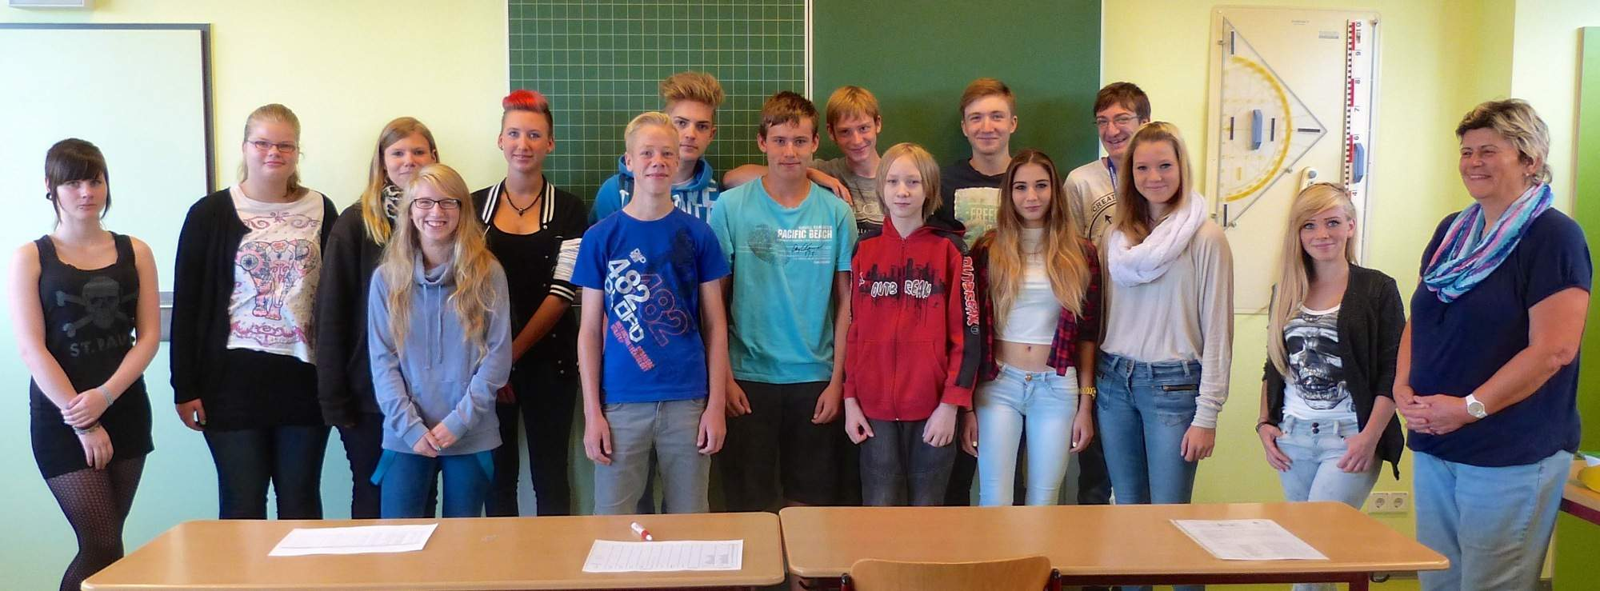 klasse-9b-2014